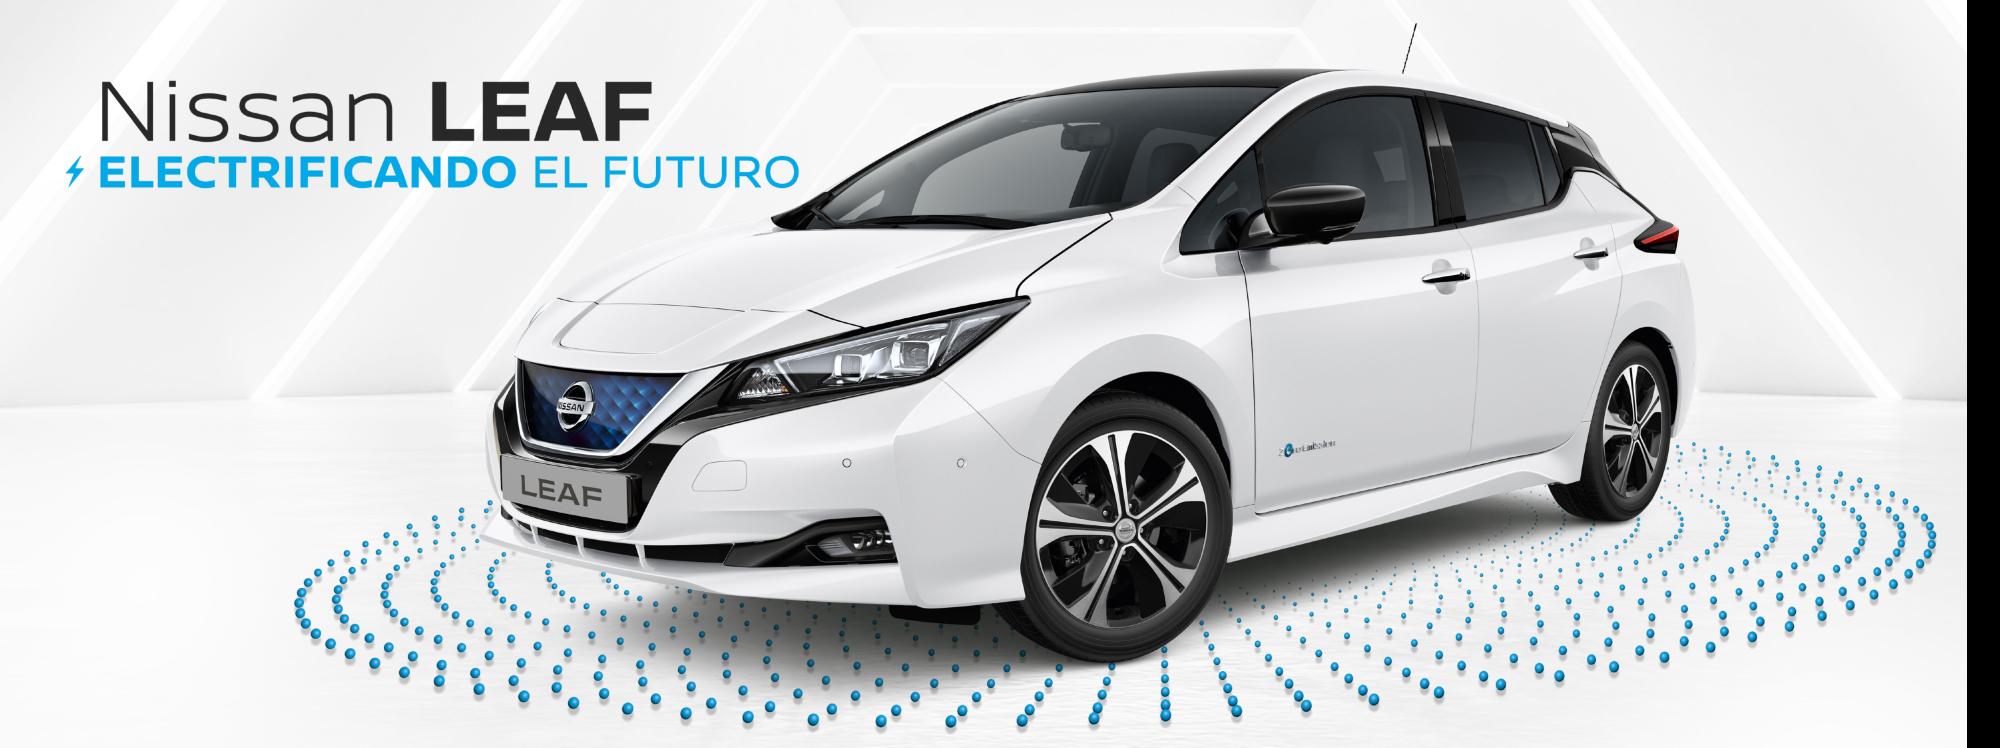 Llegó a Ecuador Nissan LEAF, el vehículo 100% eléctrico de la marca